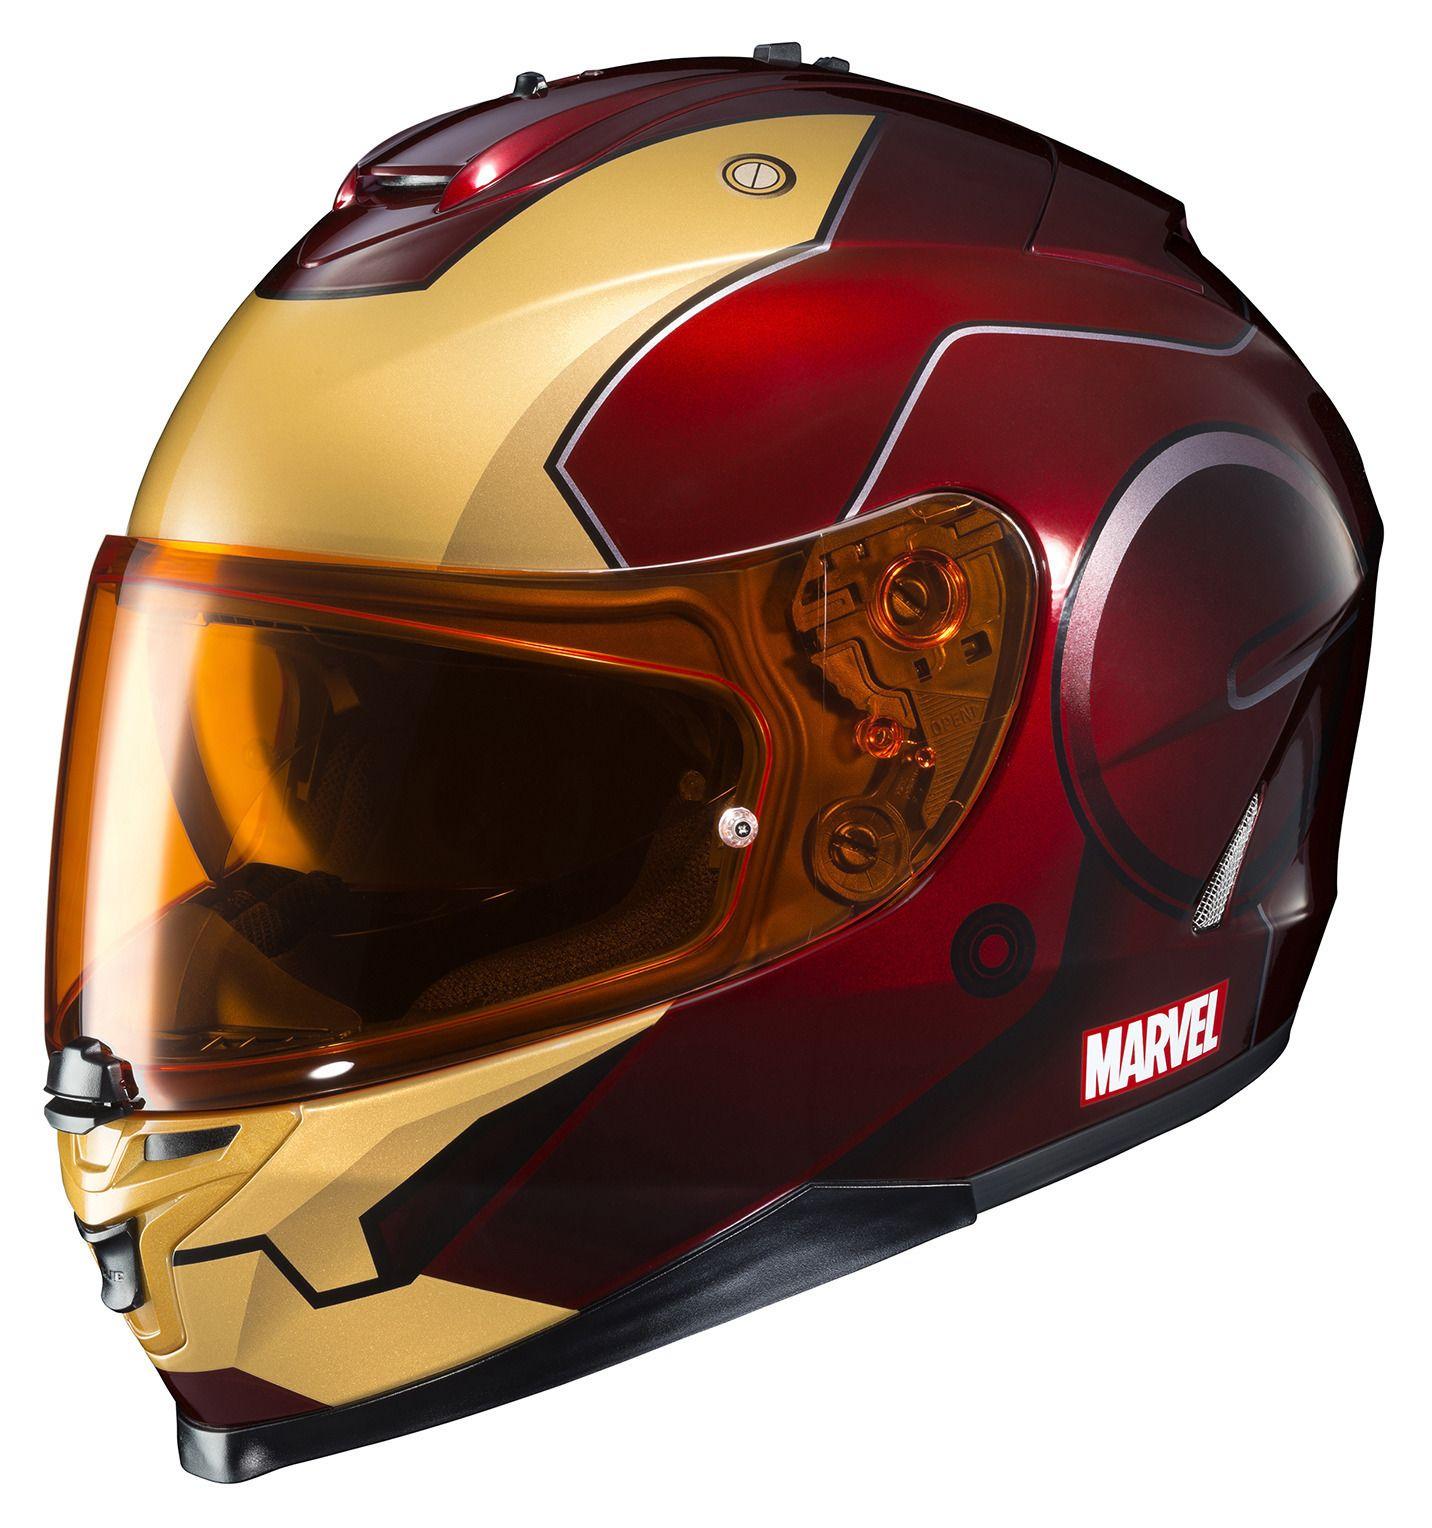 Full Motorcycle Helmet >> HJC IS-17 Iron Man Helmet - RevZilla